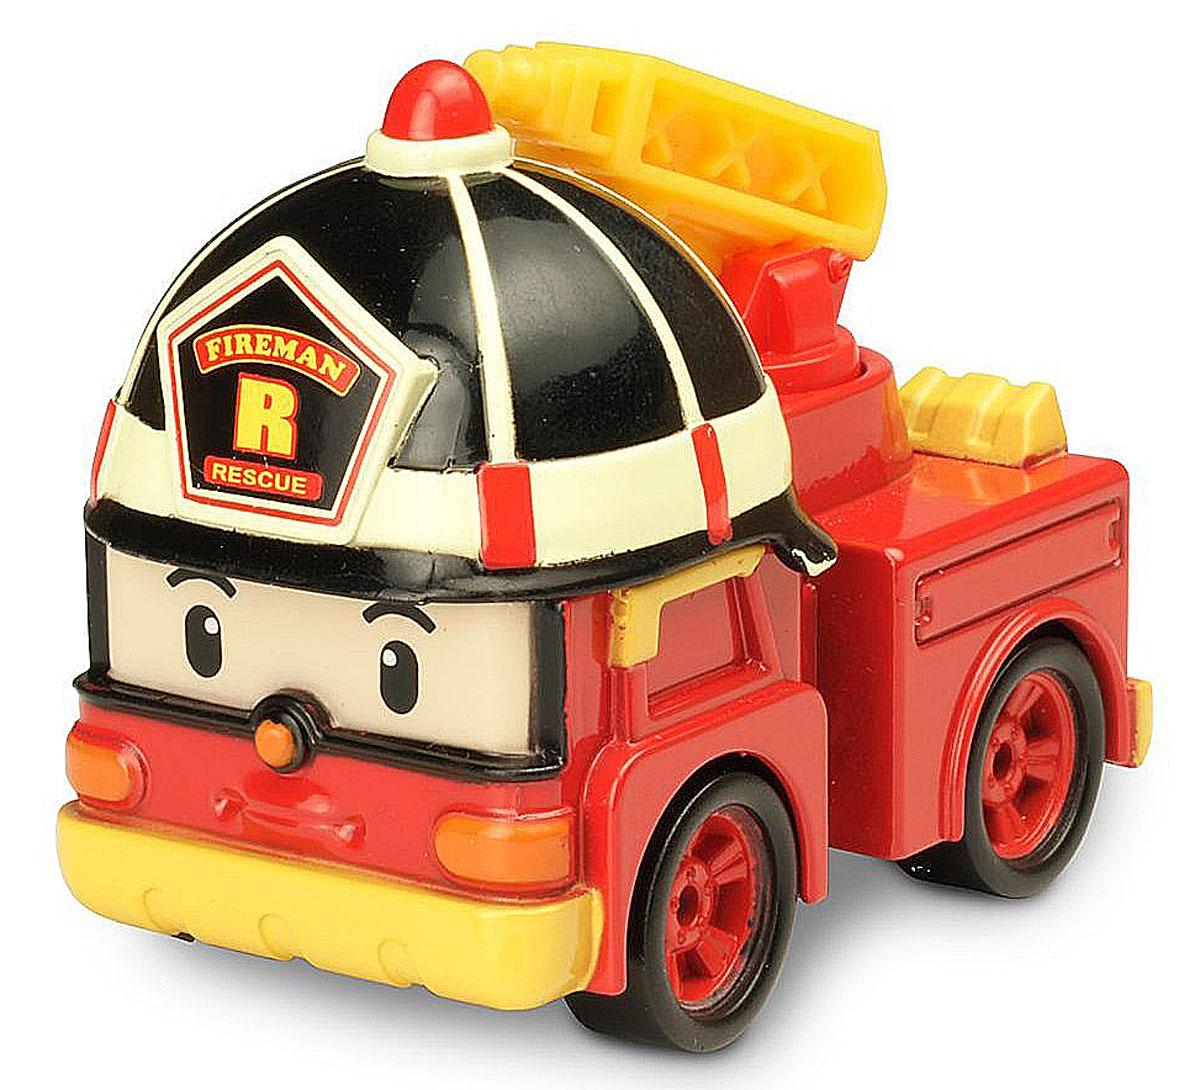 Robocar Poli Машинка инерционная Рой83180Яркая машинка Poli Рой непременно понравится вашему малышу. Она выполнена из прочного материала в виде пожарной машинки Роя - персонажа популярного мультсериала Robocar Poli. Машинка оснащена инерционным механизмом. Стоит откатить игрушку назад, слегка надавив на крышу, затем отпустить - и Рой быстро поедет вперед. Благодаря небольшому размеру ребенок сможет машинку с собой на прогулку, в поездку или в гости. Порадуйте своего малыша таким замечательным подарком!